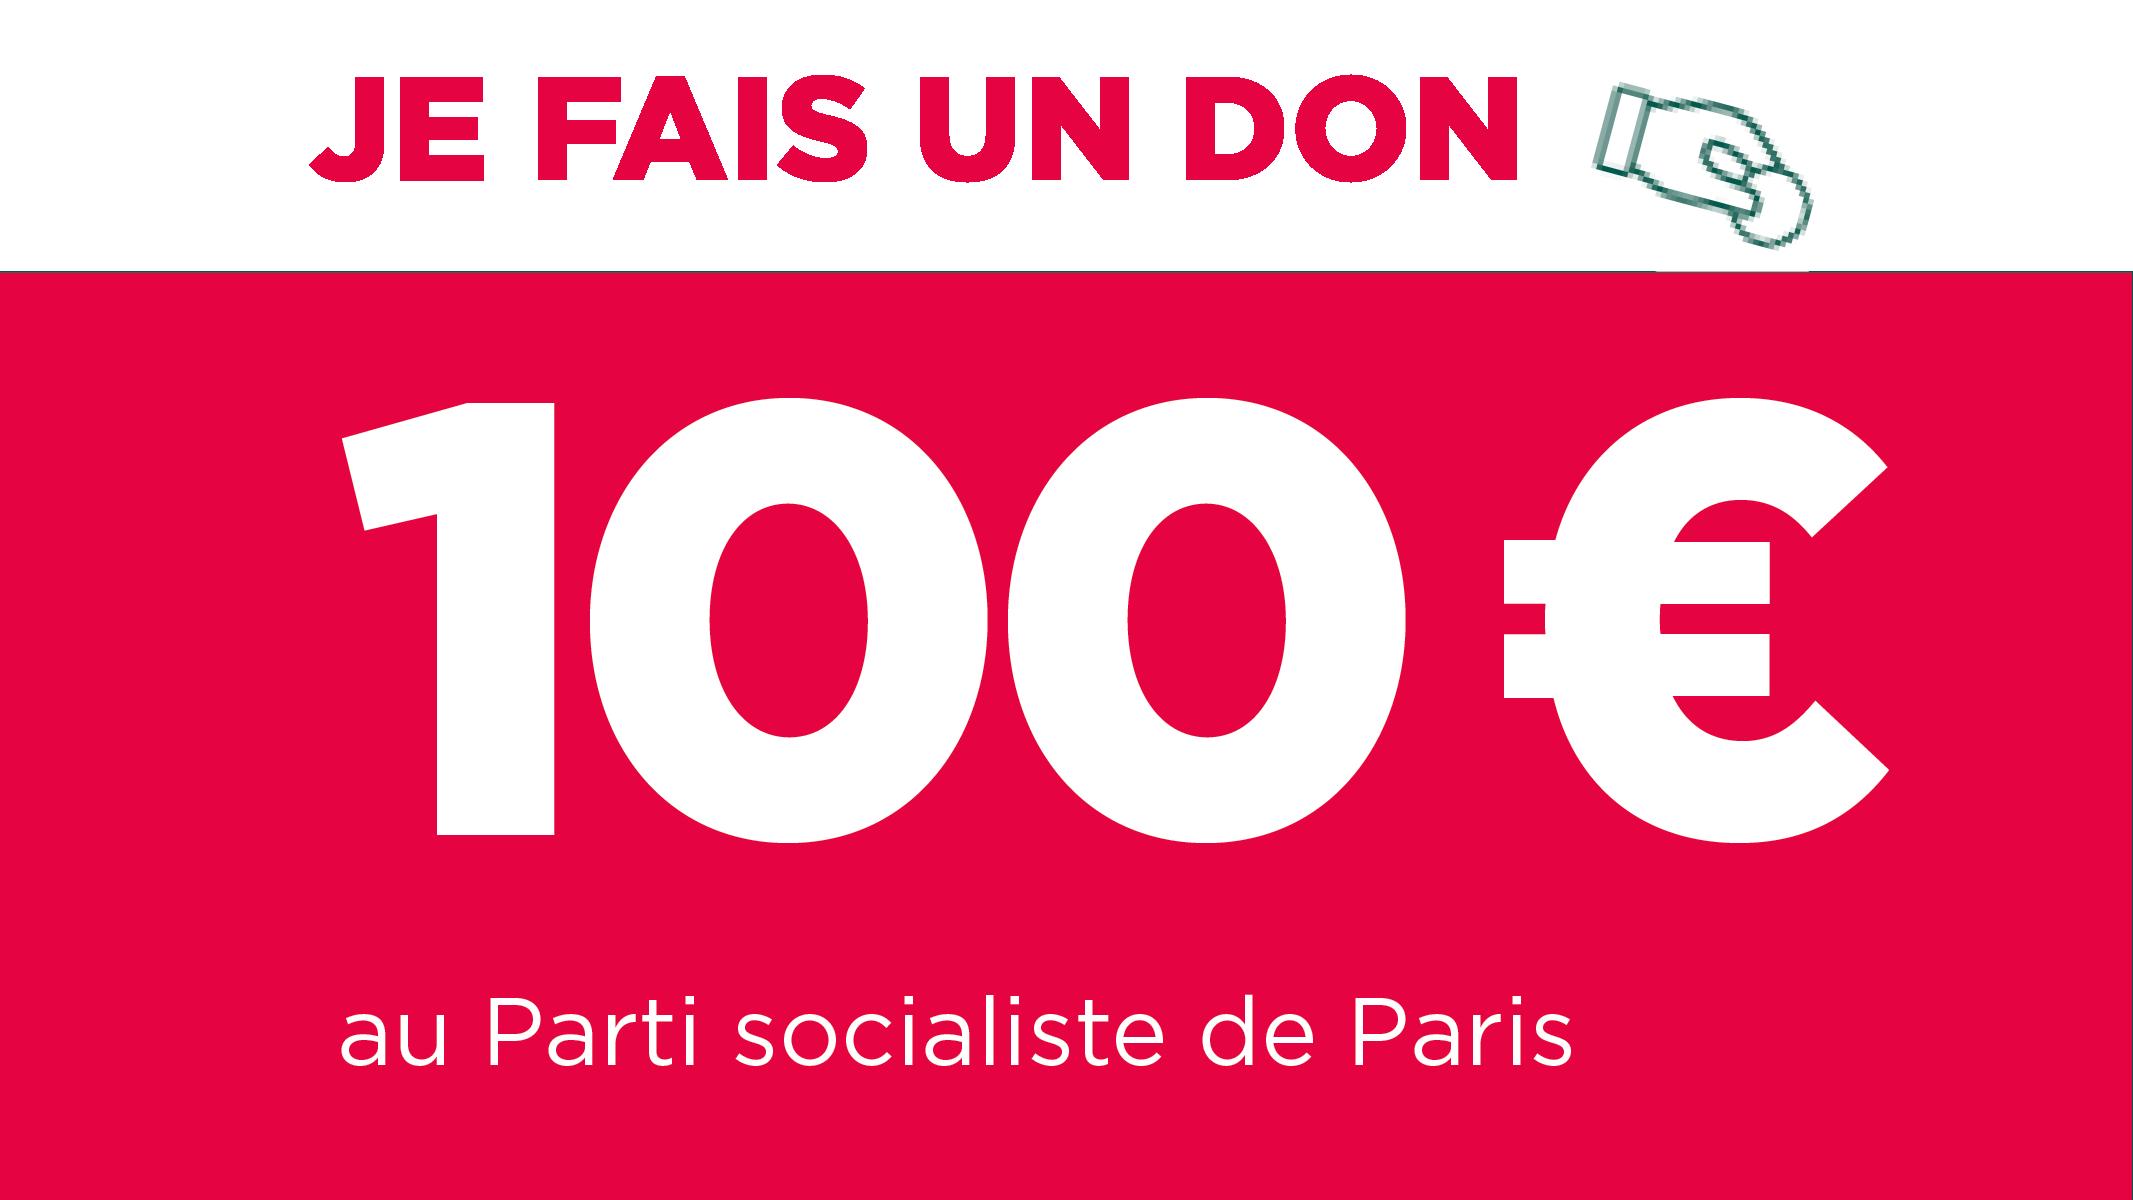 Je fais un don de 100€ au Parti socialiste de Paris